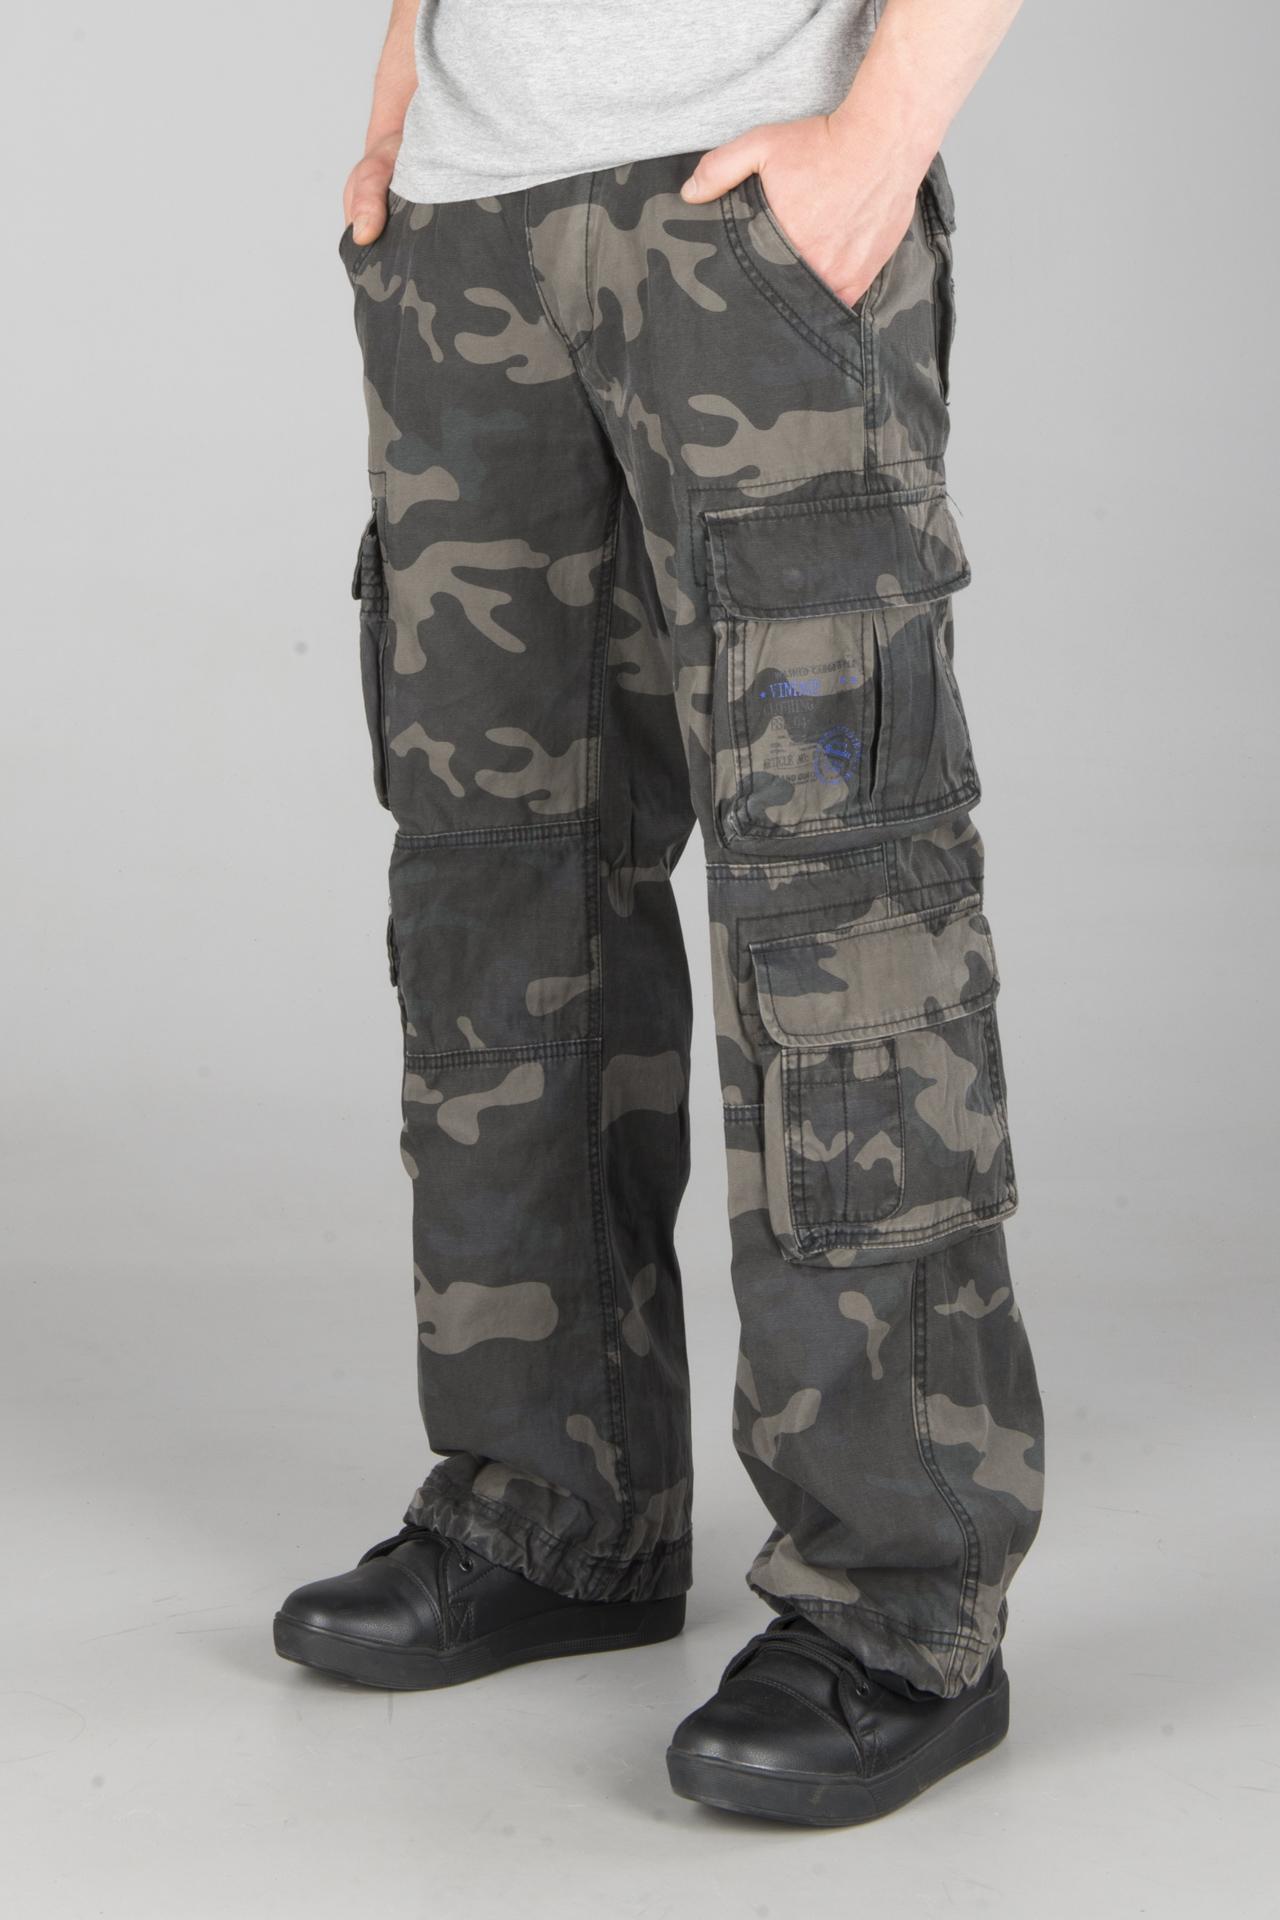 Bukse Brandit Pure Vintage Mørk Camo Laveste prisgaranti